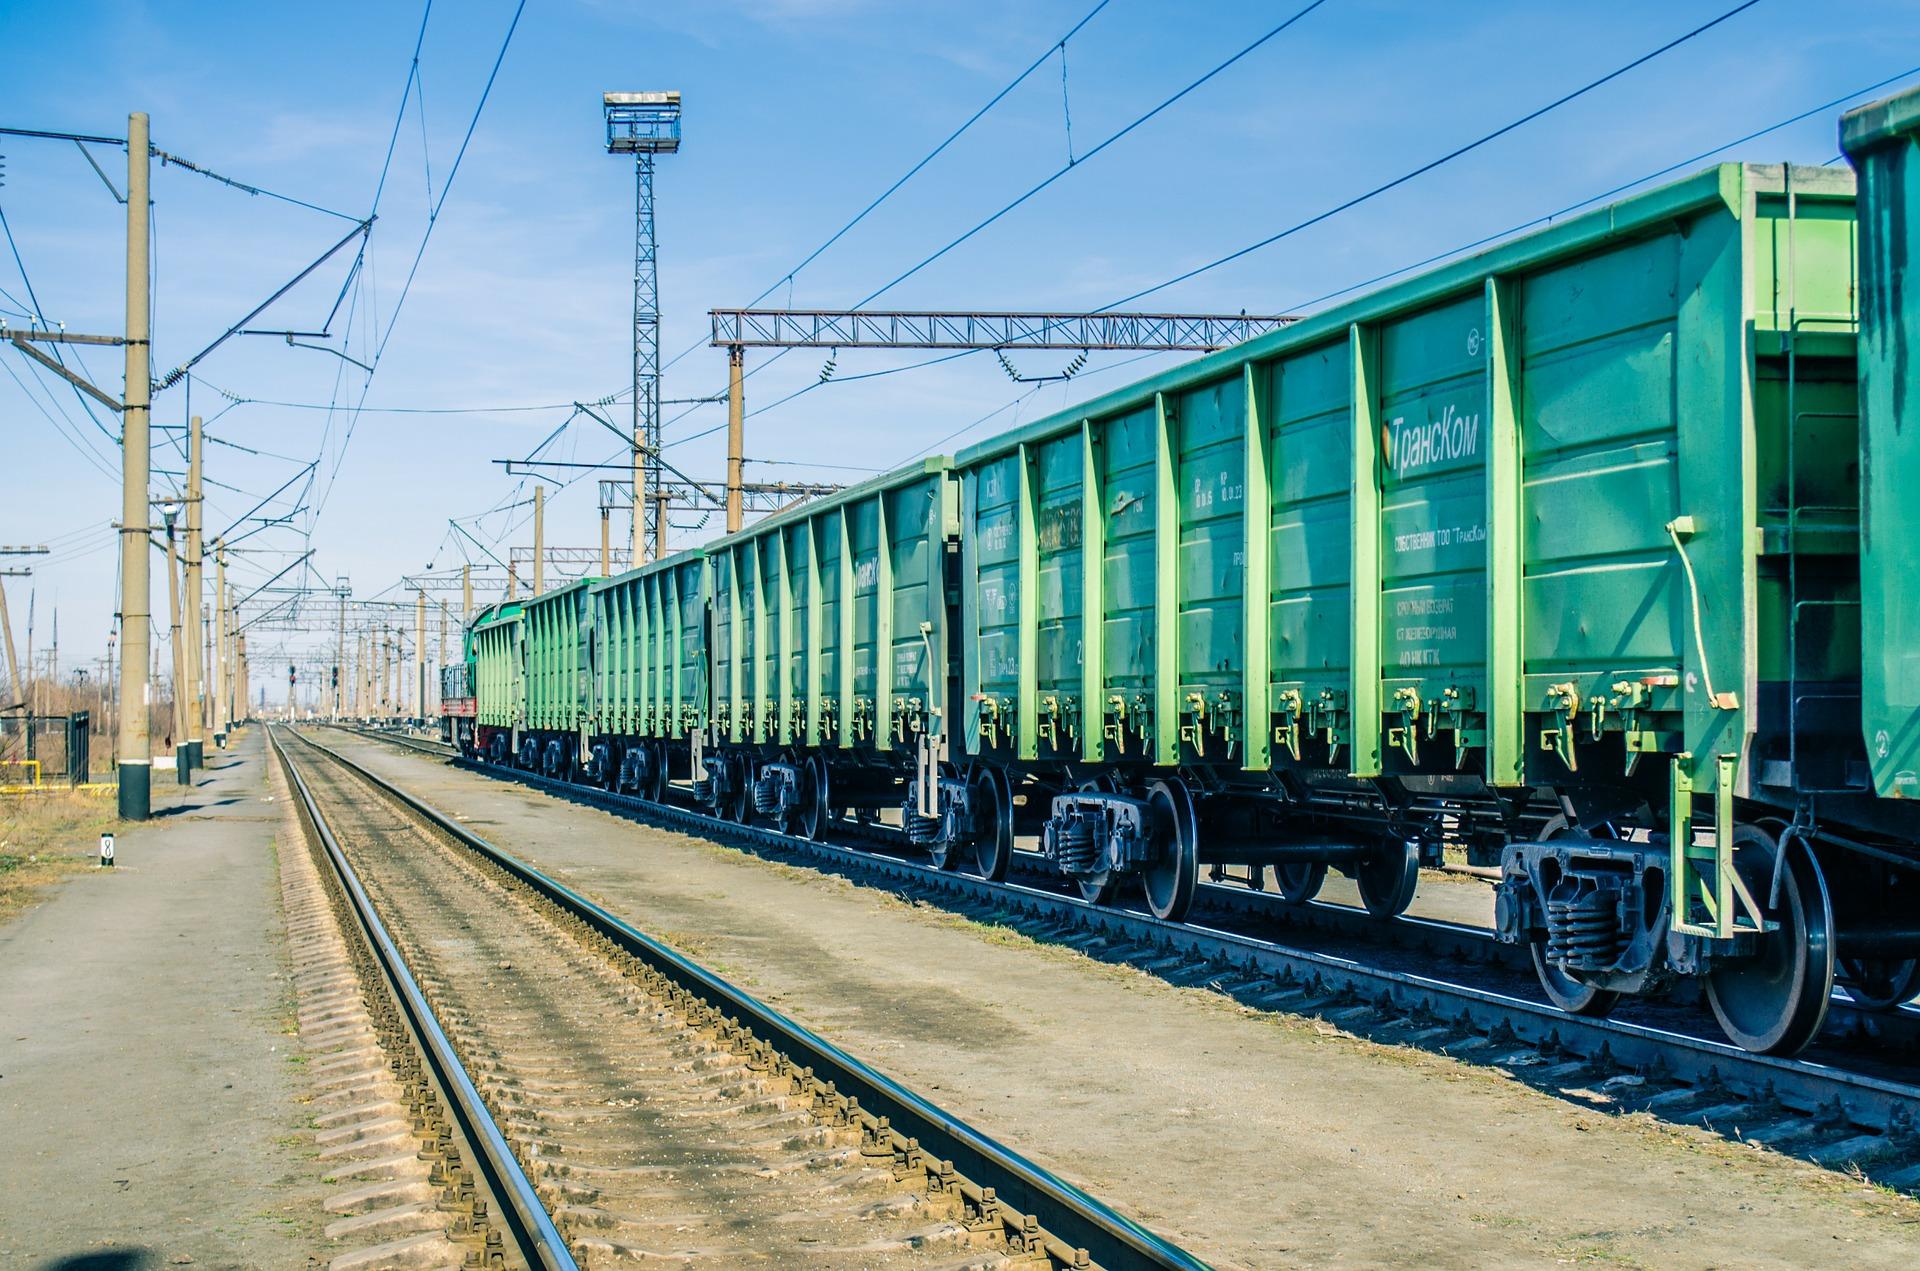 Уряд напрацював програму кардинального оновлення вантажних вагонів залізниці